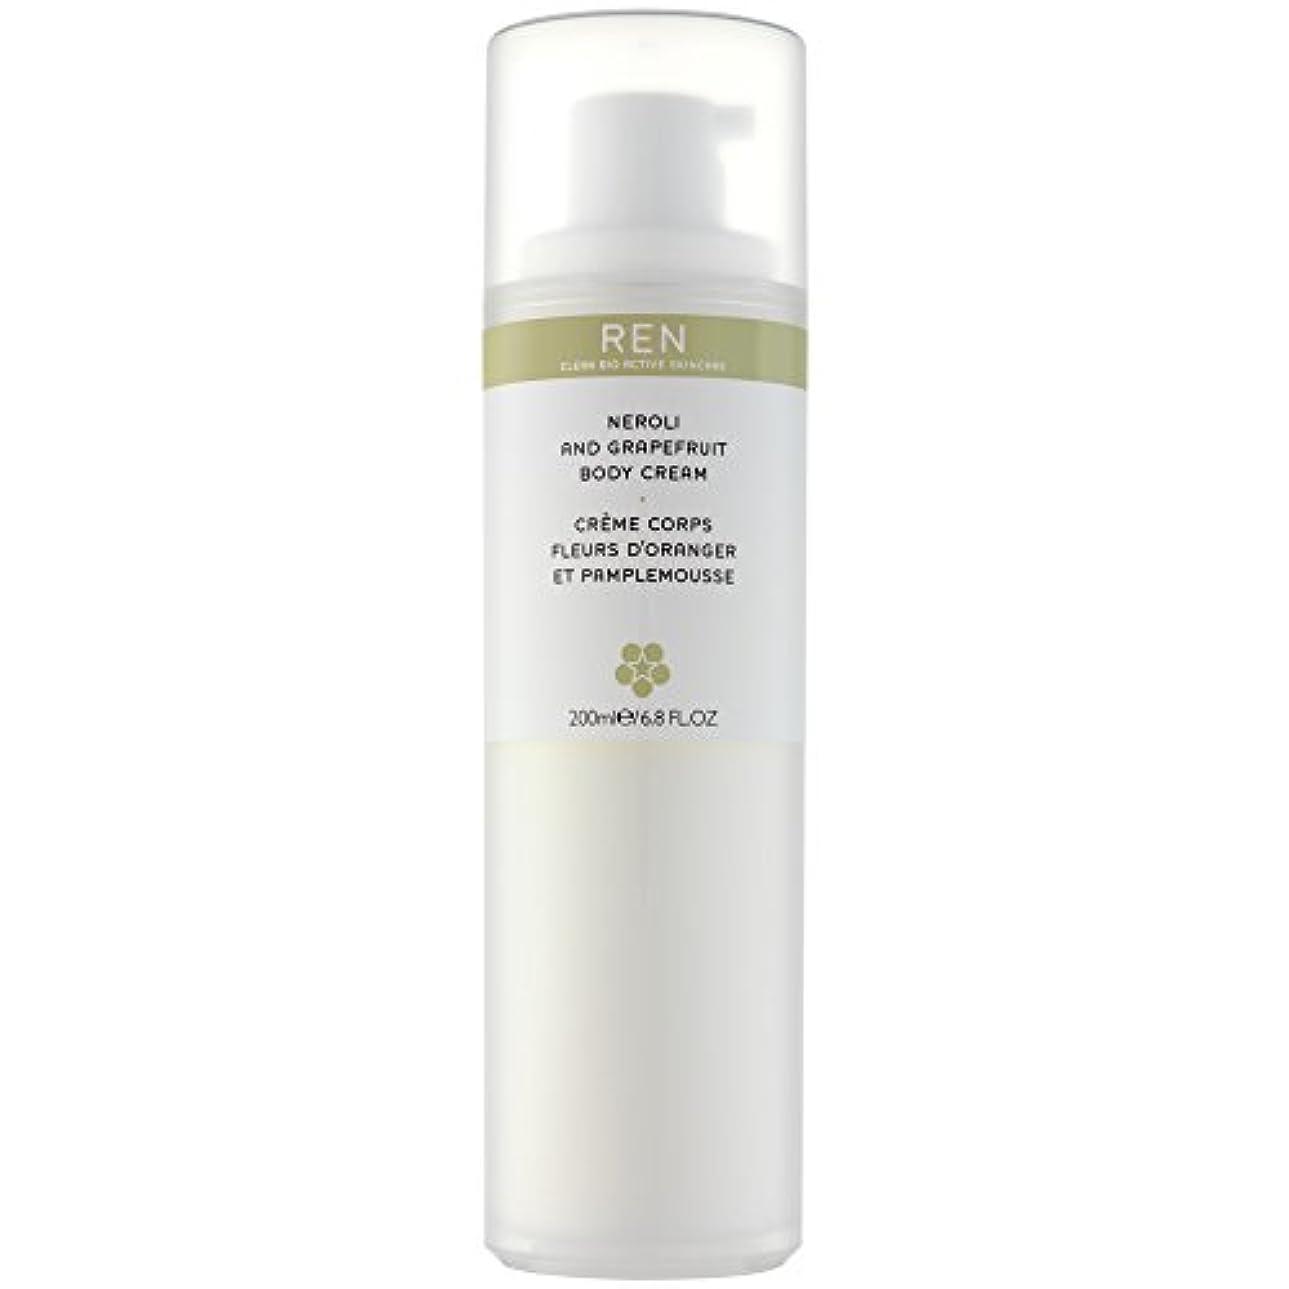 些細なミリメートルセラーRenネロリとグレープフルーツボディクリーム200ミリリットル (REN) (x6) - REN Neroli and Grapefruit Body Cream 200ml (Pack of 6) [並行輸入品]